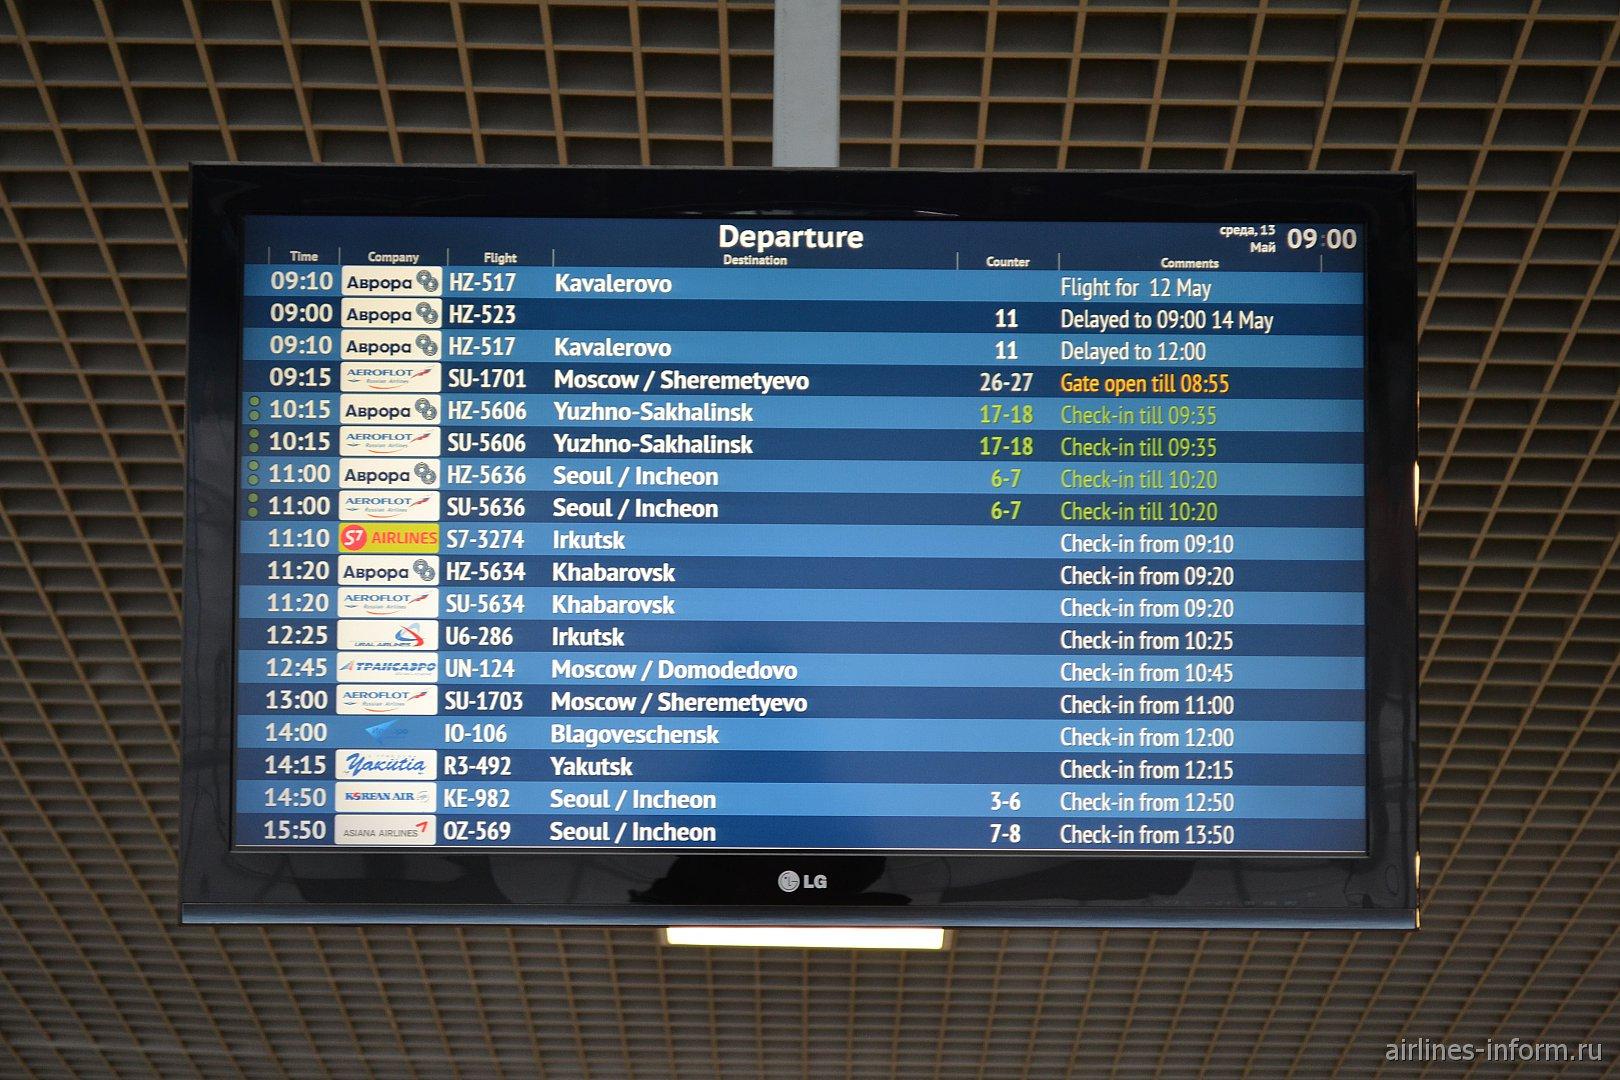 Купить авиабилеты в Москву Авиабилеты дешево ЖД билеты